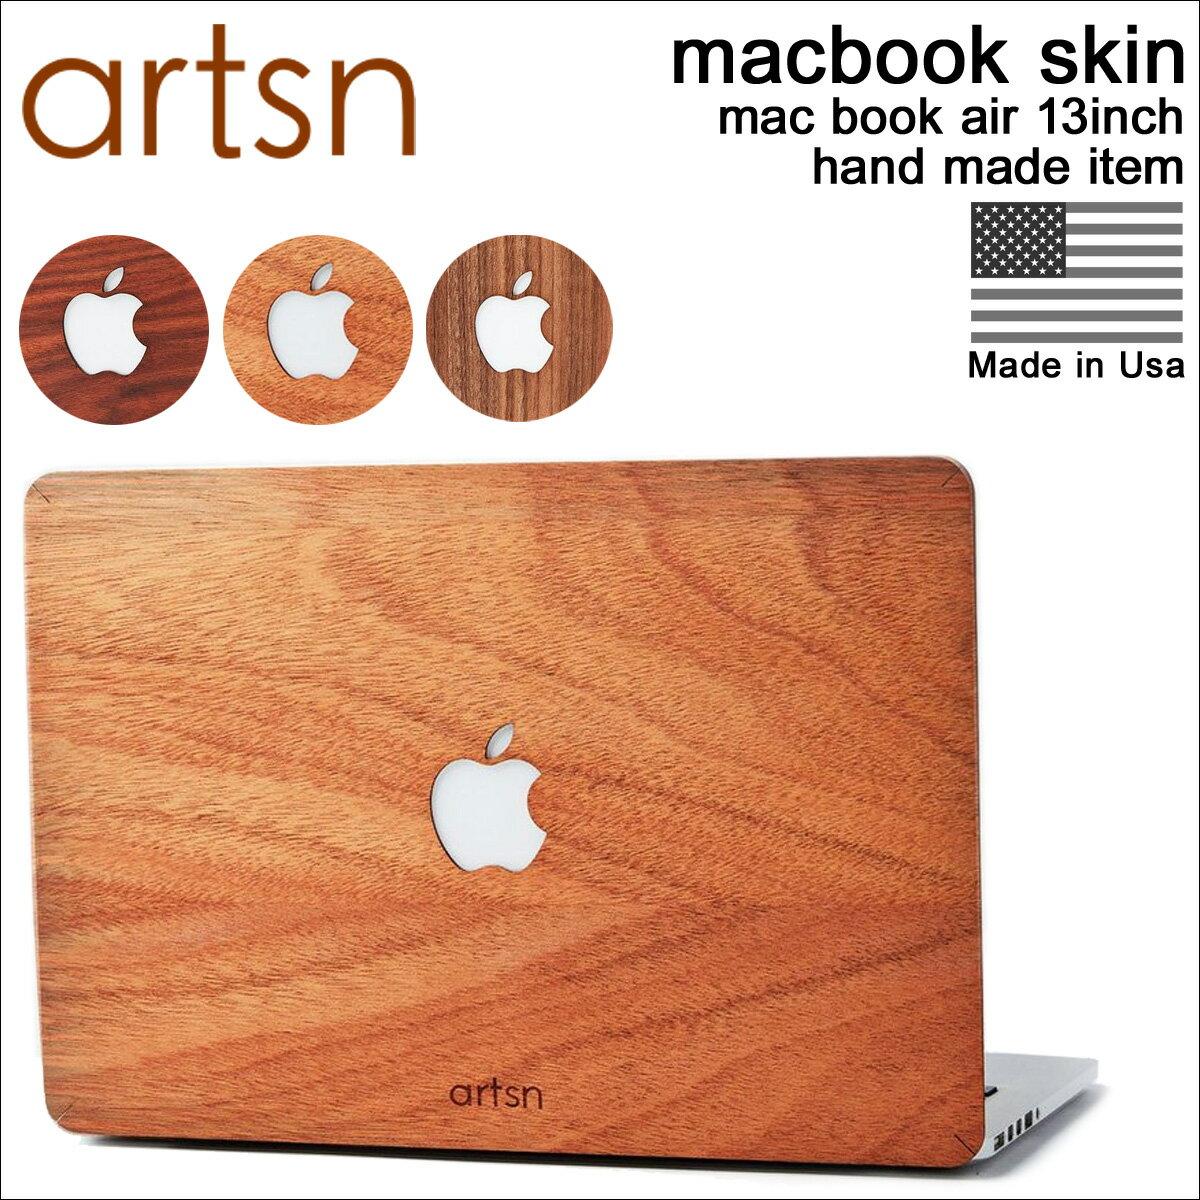 ARTSN アーツン MacBook Air 13 シール ケース マックブック エアー カバー 保護フィルム 木目 ウッド ブラウン MacBook SKINS [12/28 再入荷]